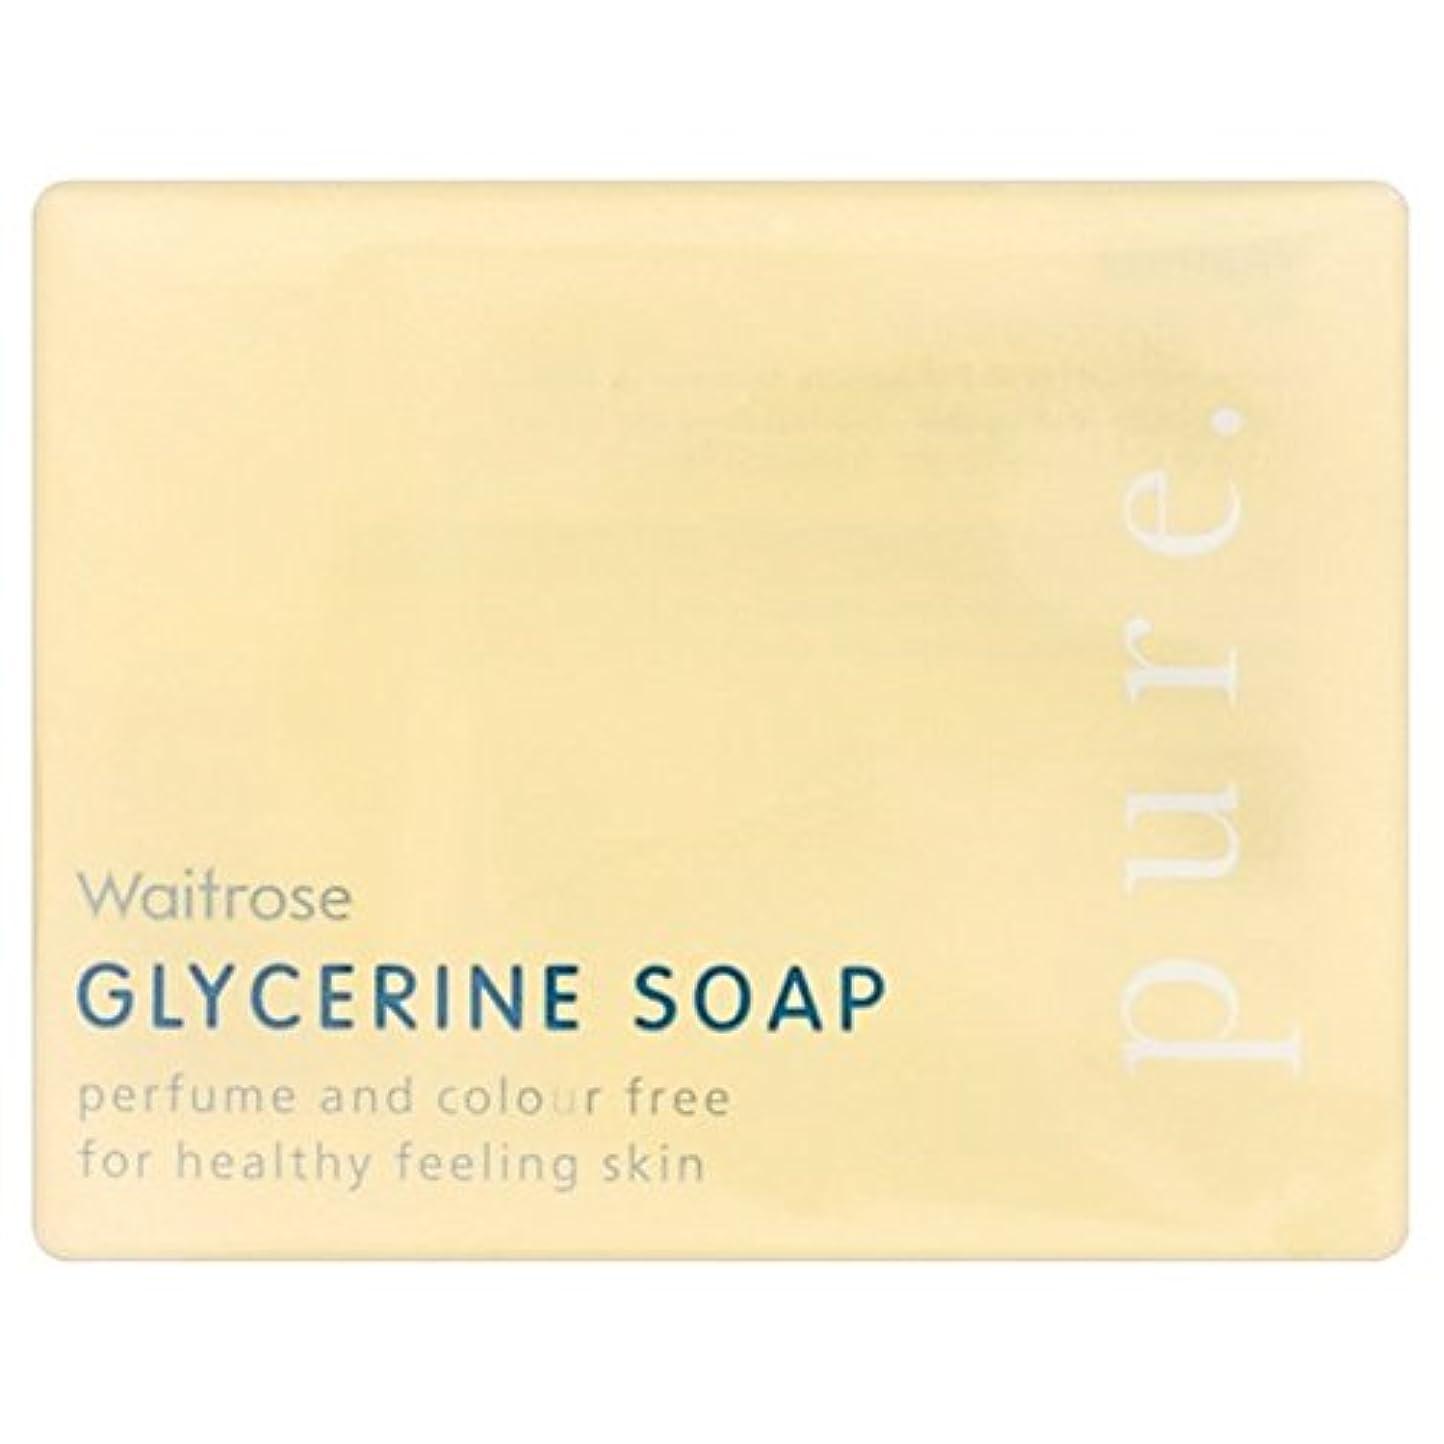 航海臭い滅びる純粋なグリセリンソープウェイトローズの100グラム x2 - Pure Glycerine Soap Waitrose 100g (Pack of 2) [並行輸入品]